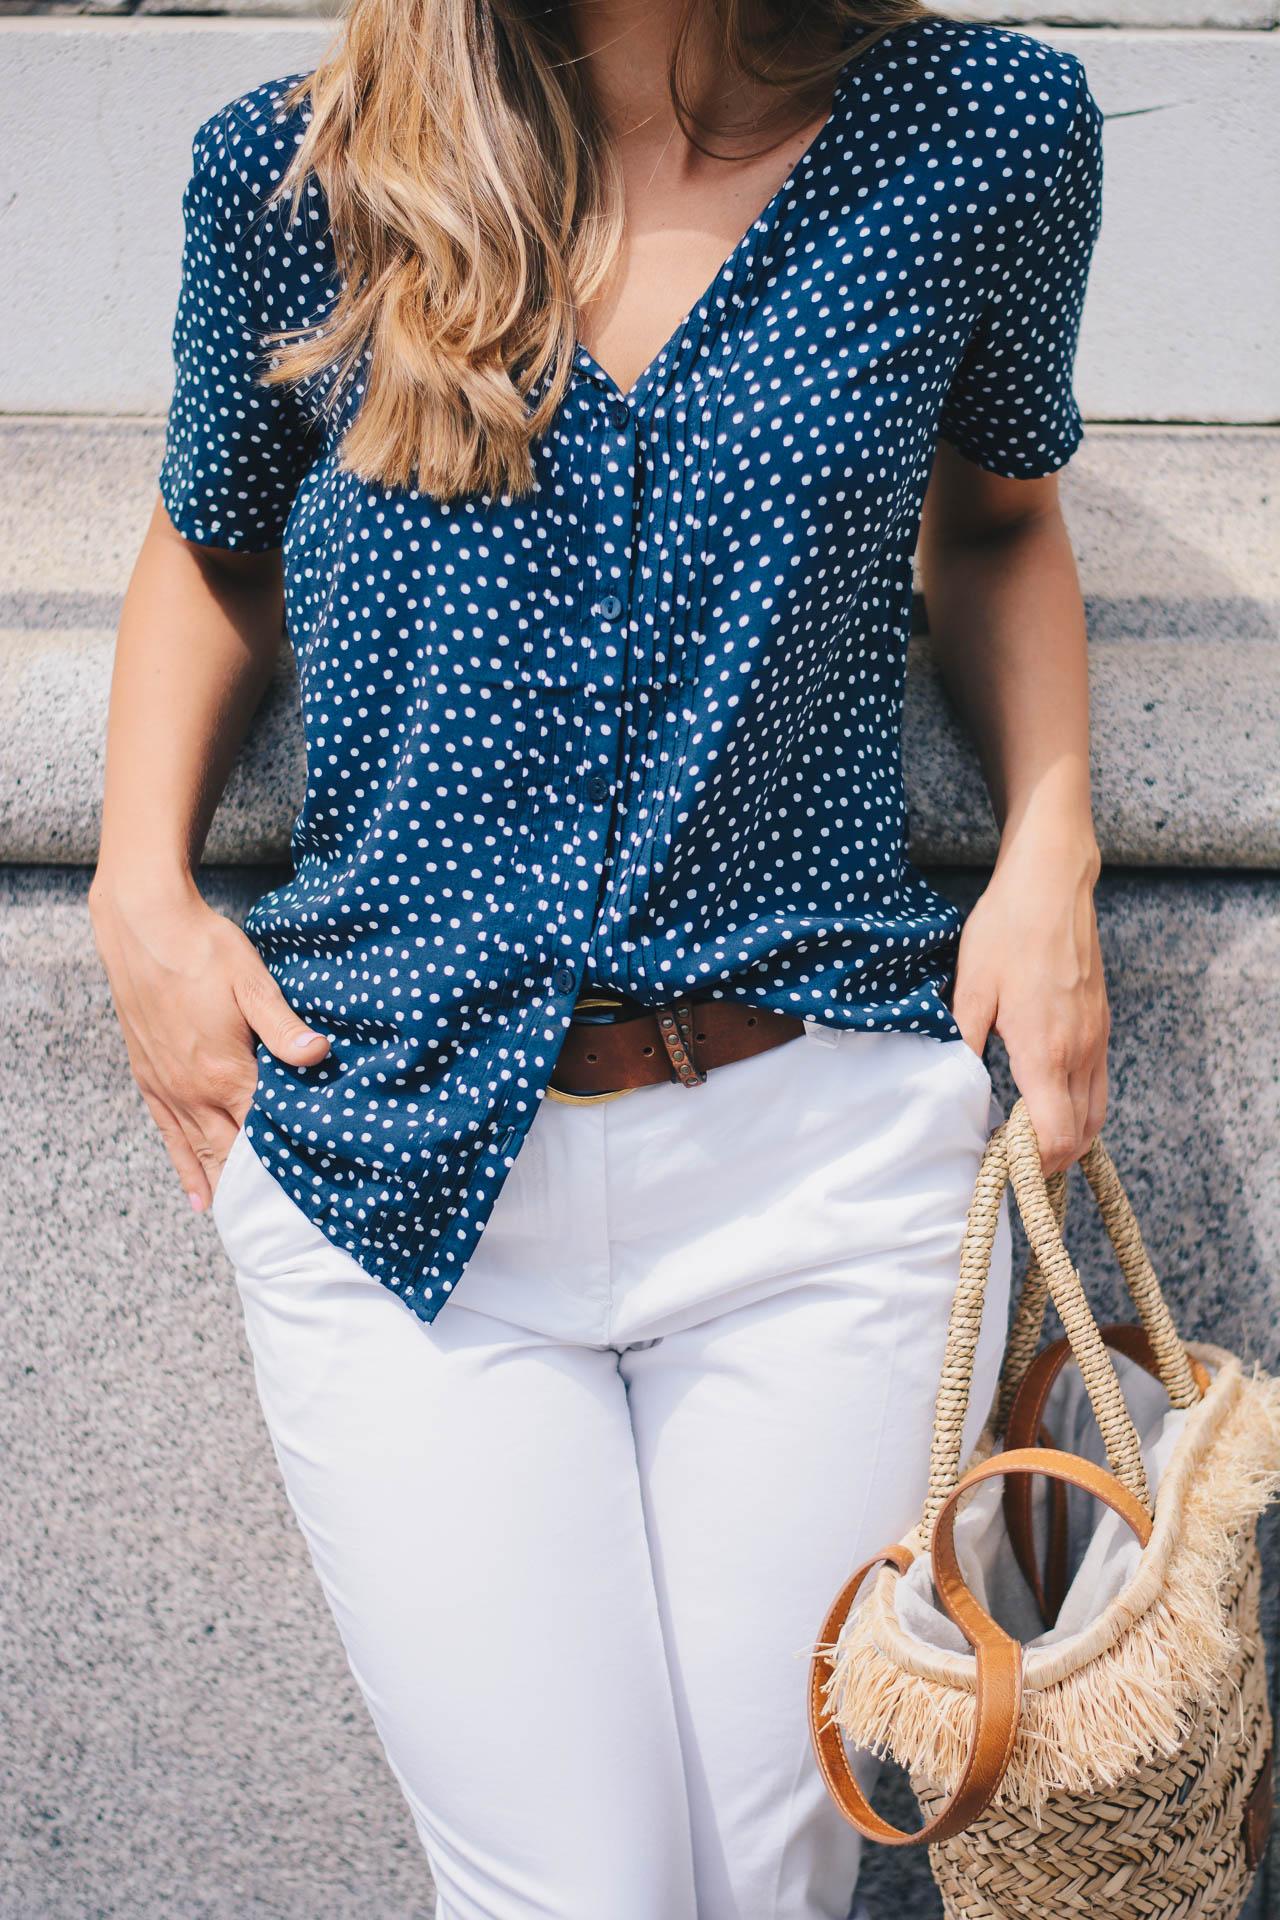 Polka dot shirt 16072017